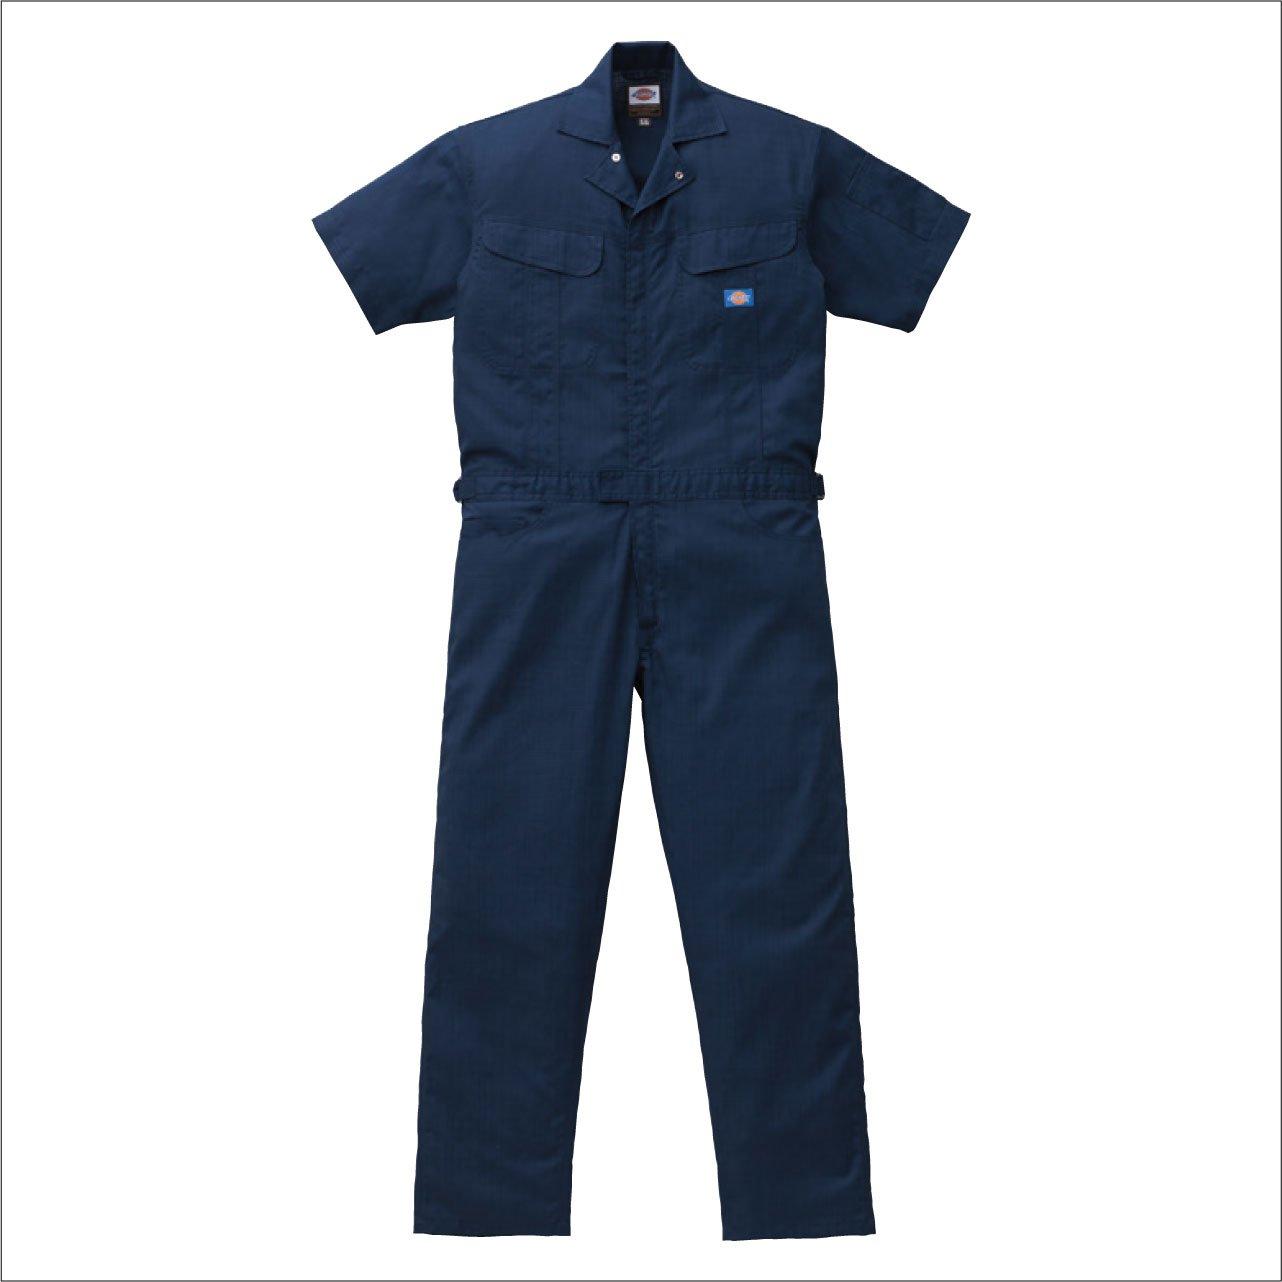 (ディッキーズ) Dickies ブッチャー織り半袖つなぎ Dickies-1111 B008FTVXQI 5L|ネイビーブルー ネイビーブルー 5L